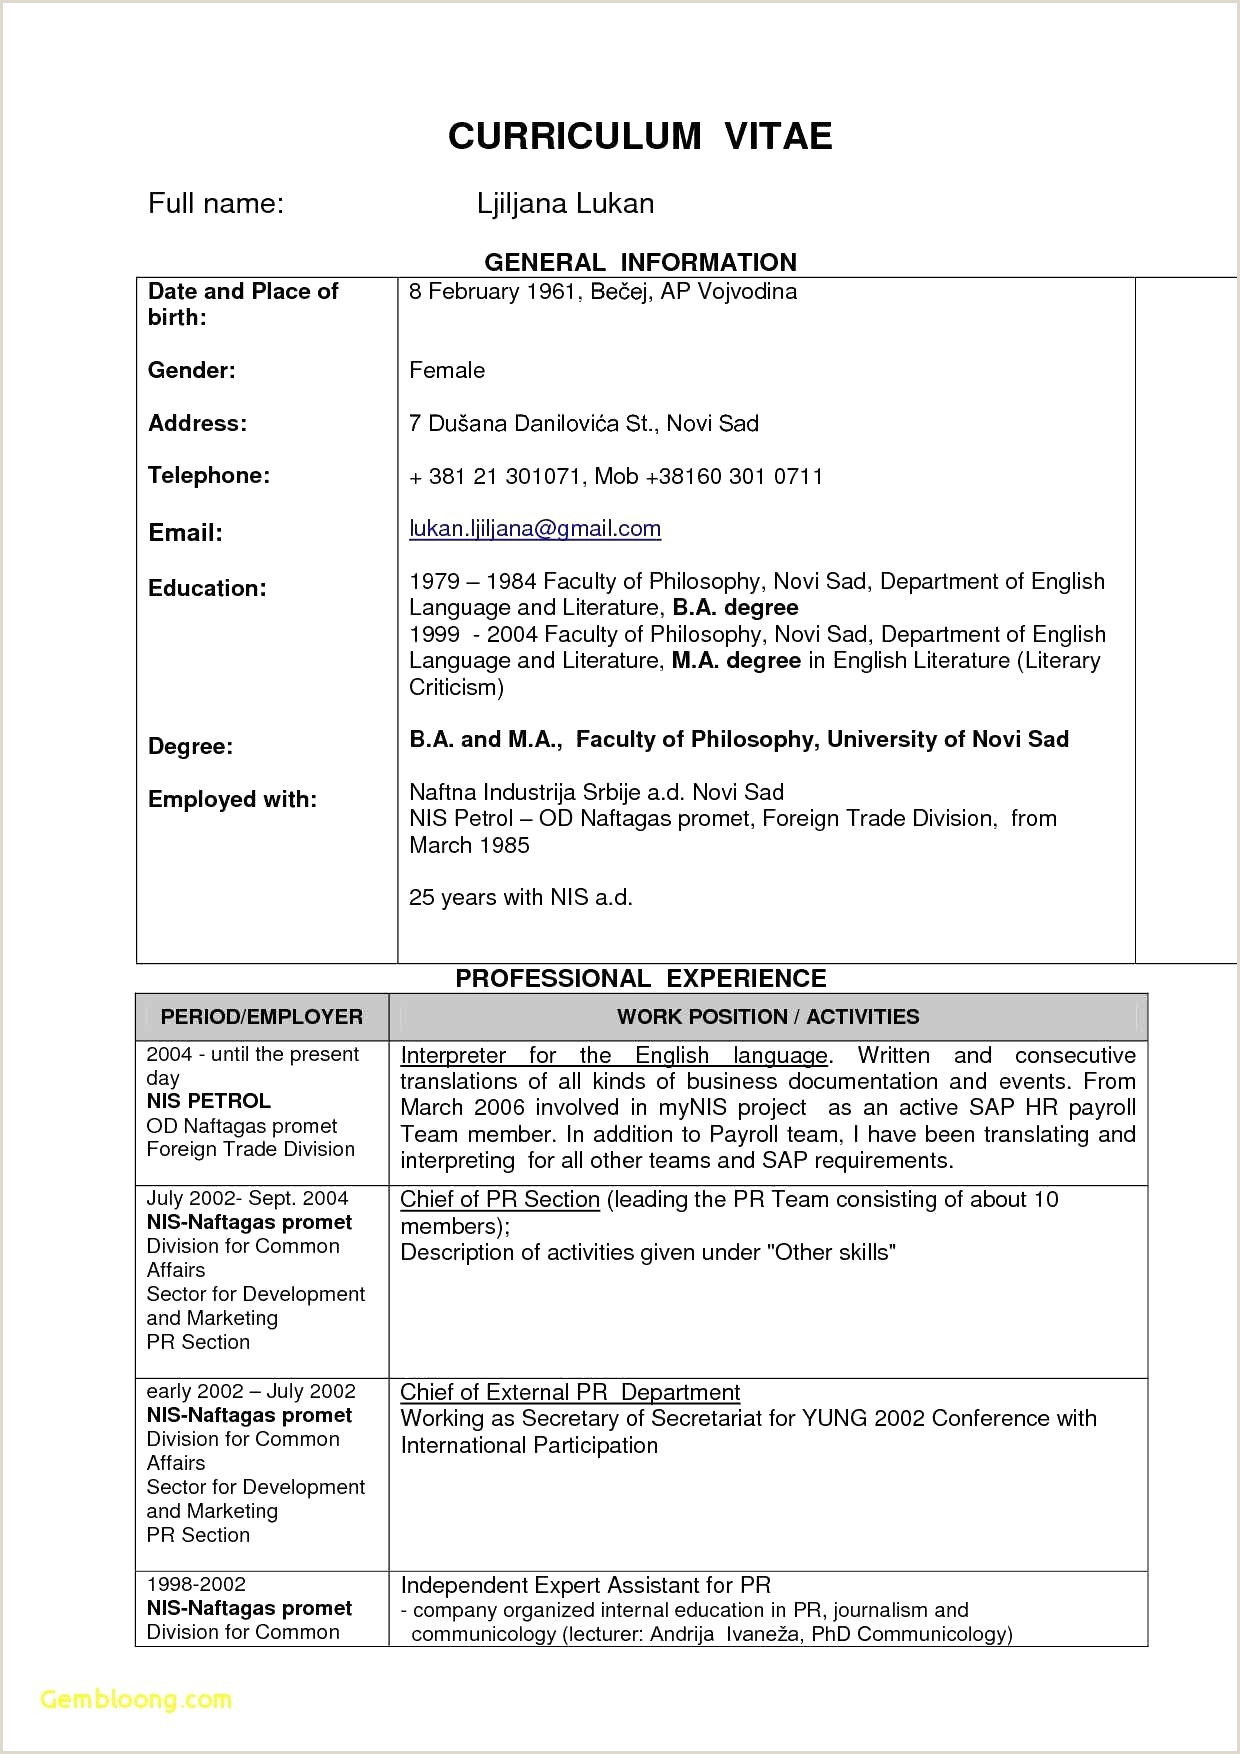 Curriculum Vitae Para Rellenar En Linea formatos De Cotizaciones Para Llenar Elegant Free Resume